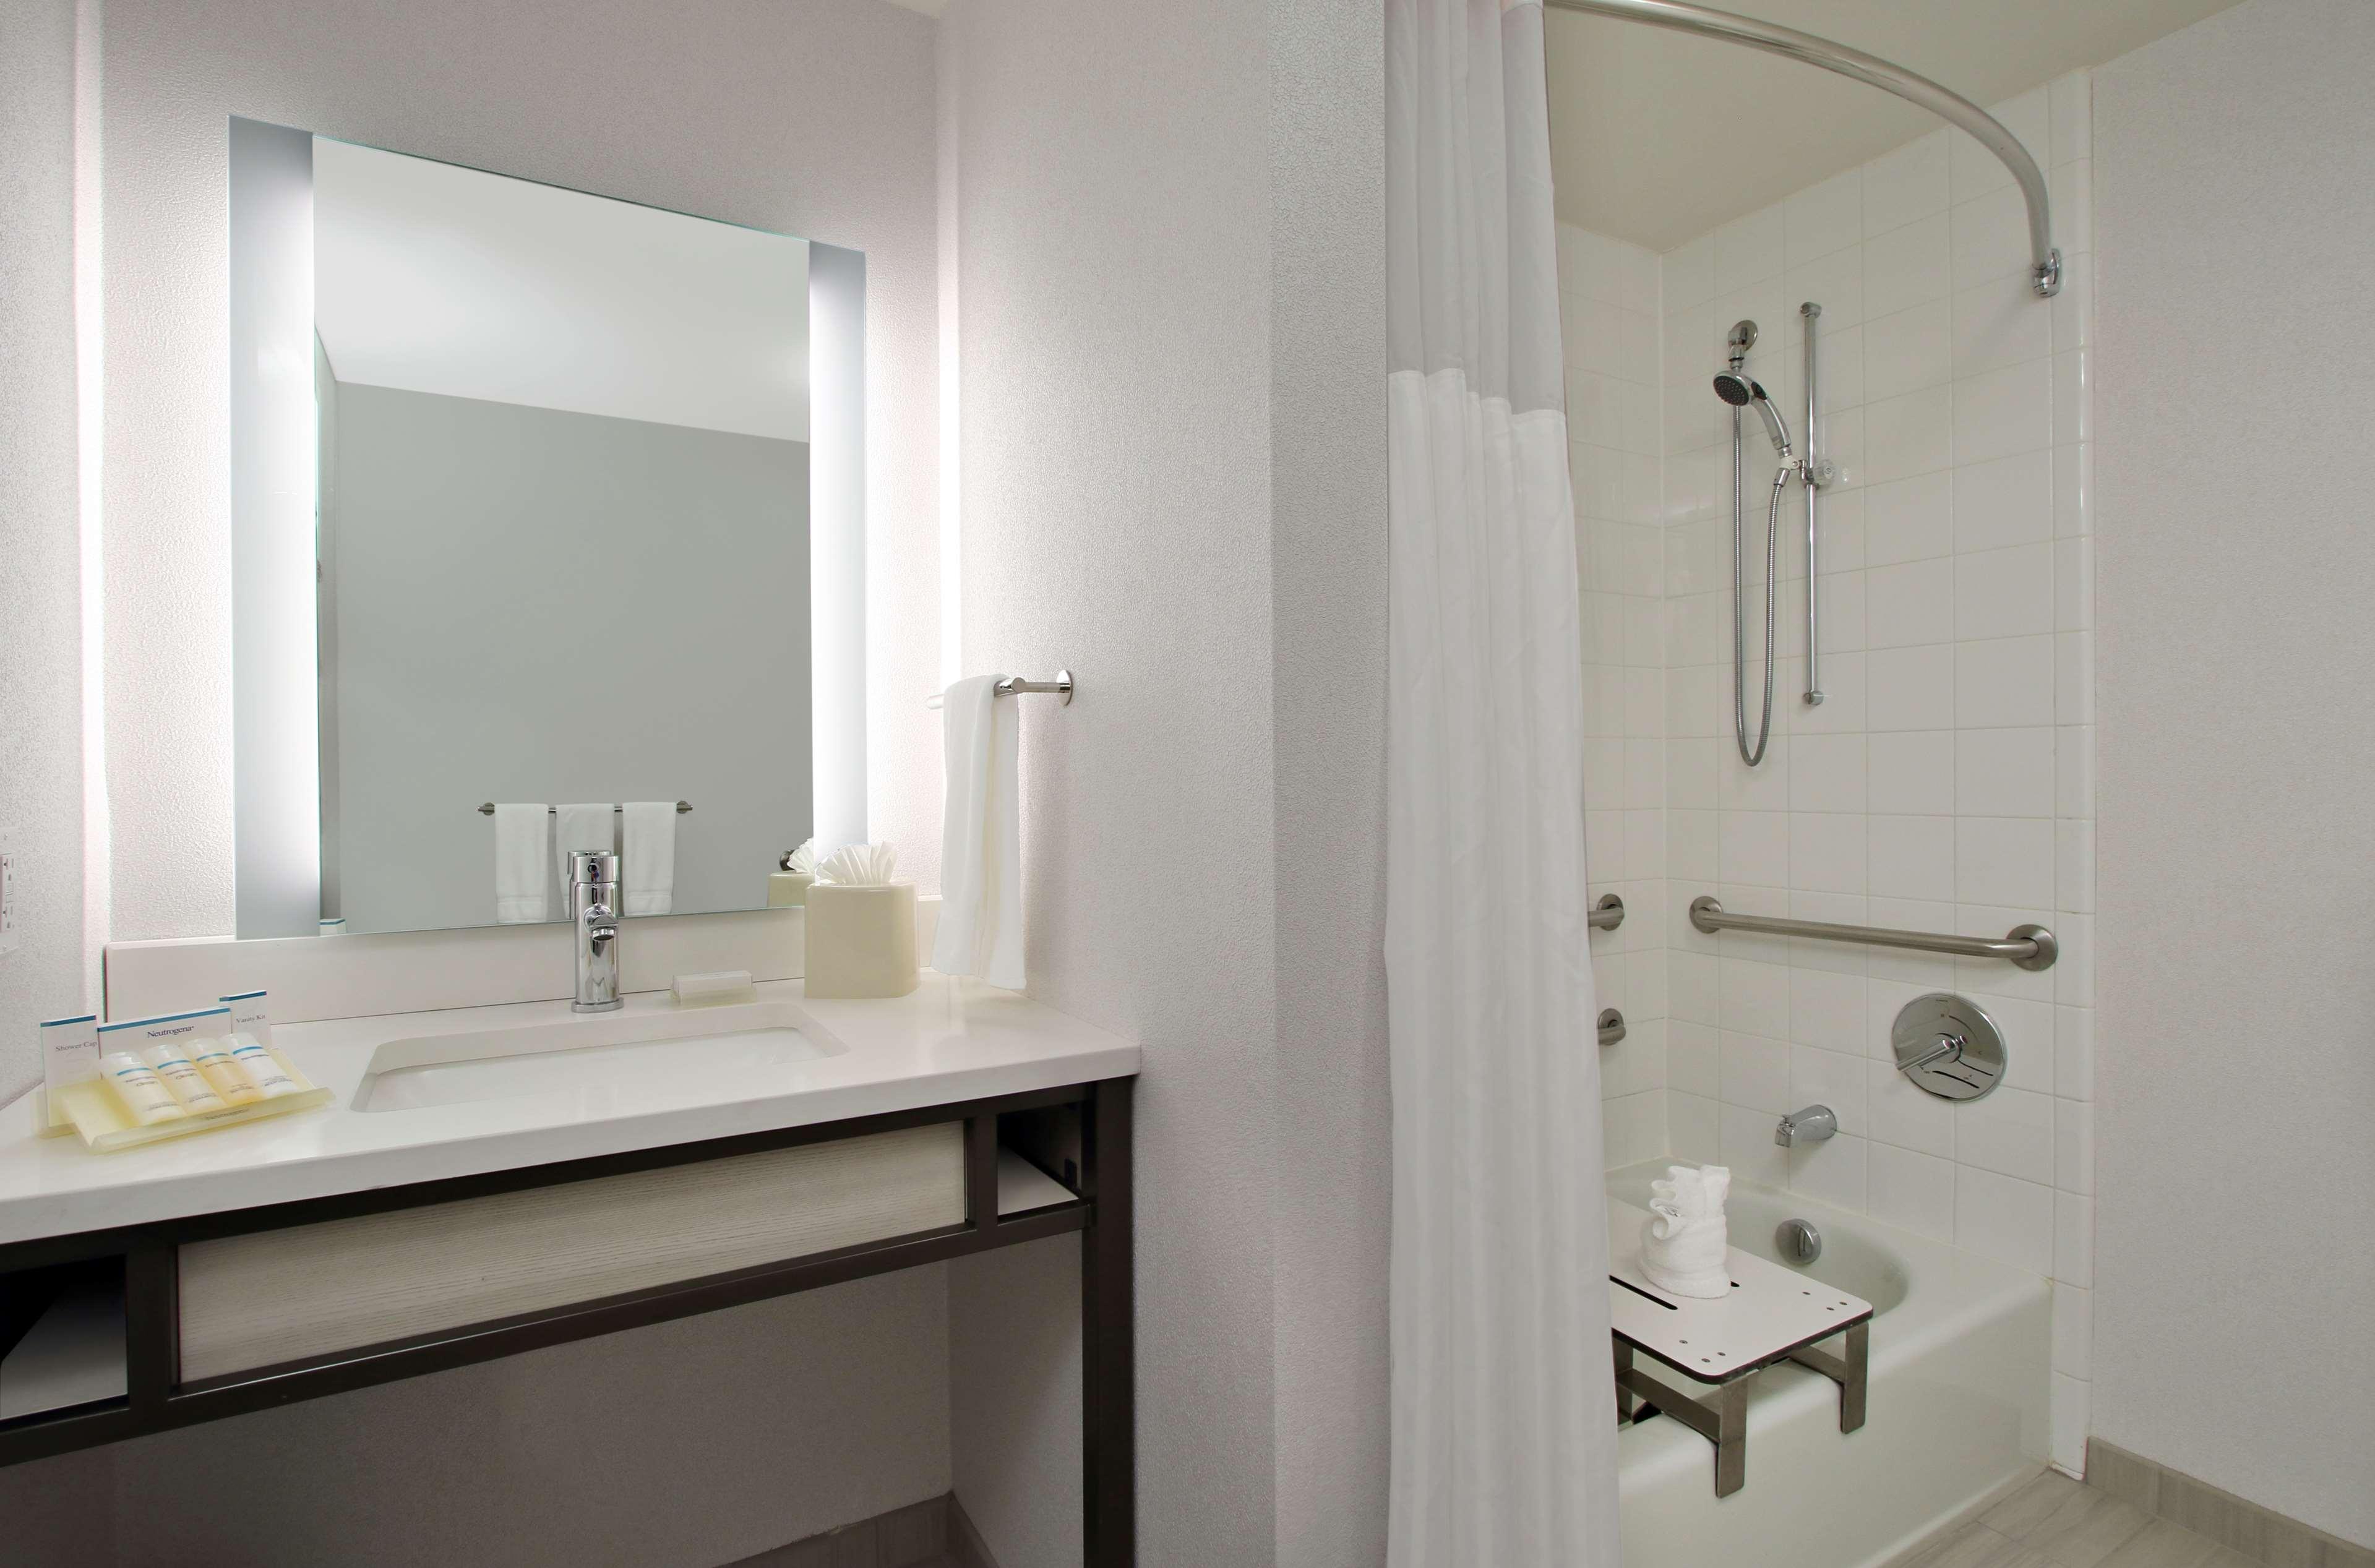 Hilton Garden Inn Columbus-University Area image 30